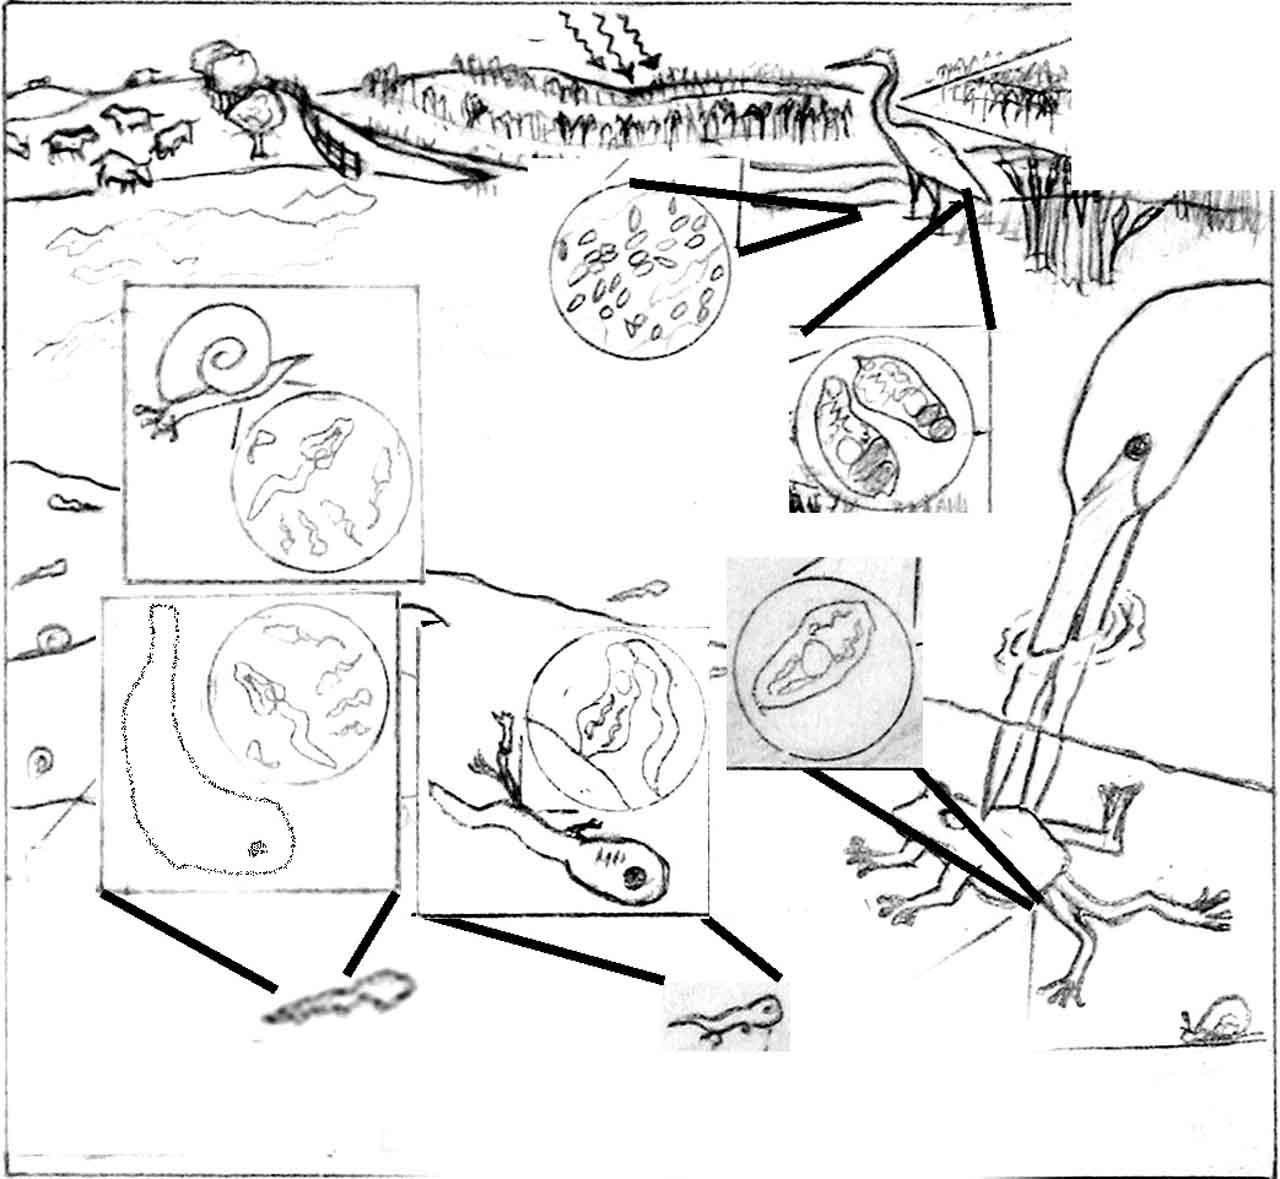 Circular Process Sketch Templates